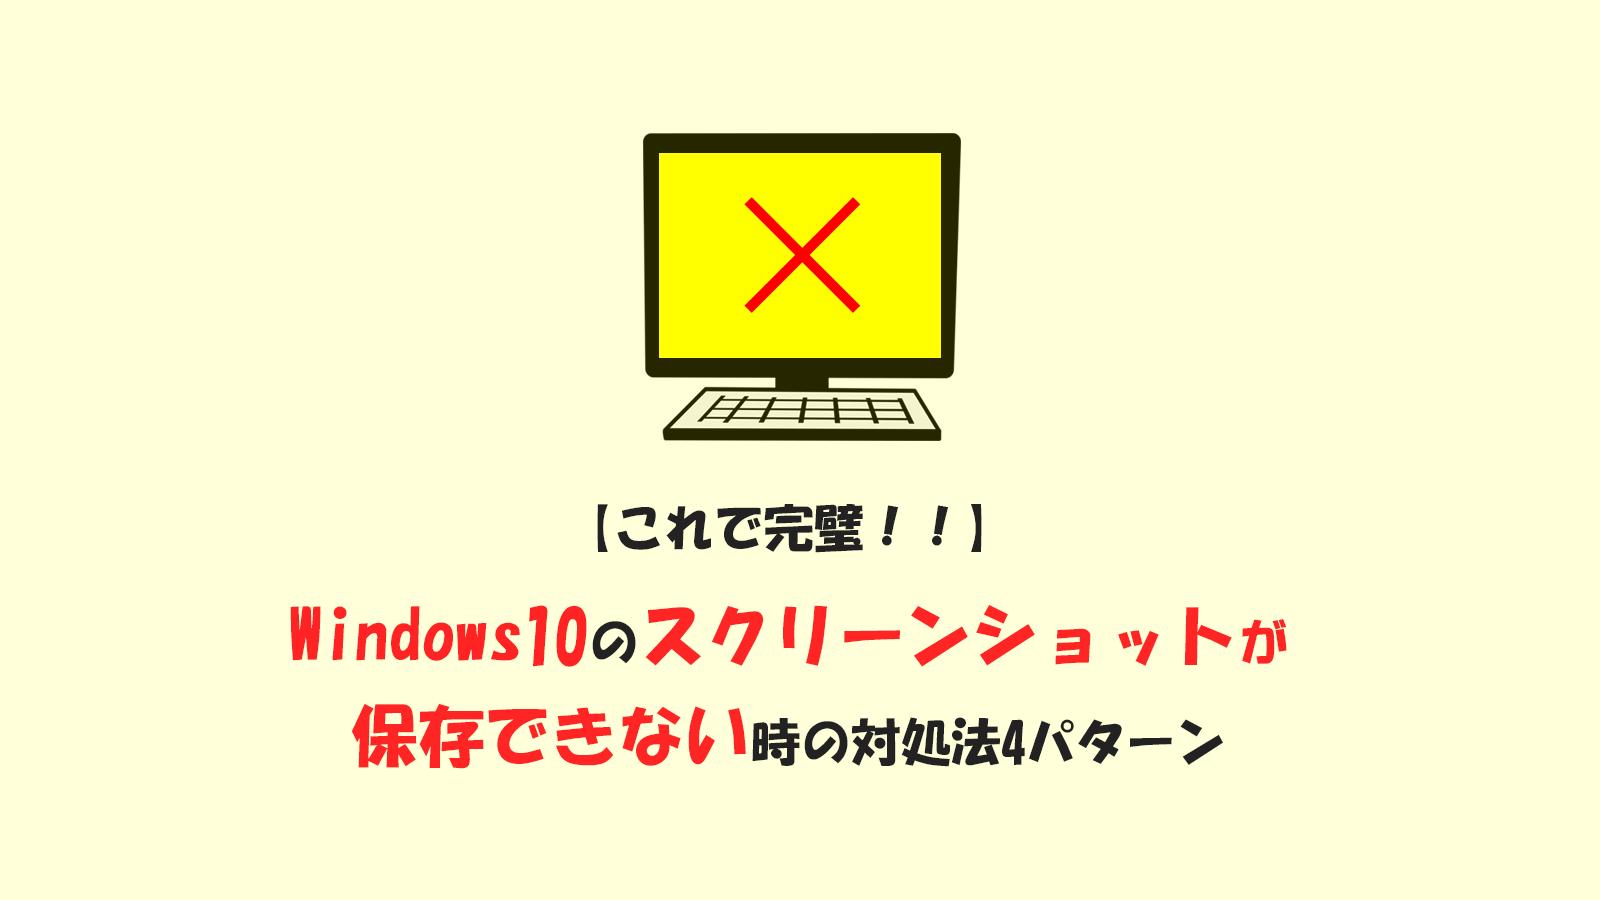 【これで完璧】Windows10のスクリーンショットが保存できない時の対処法4パターン